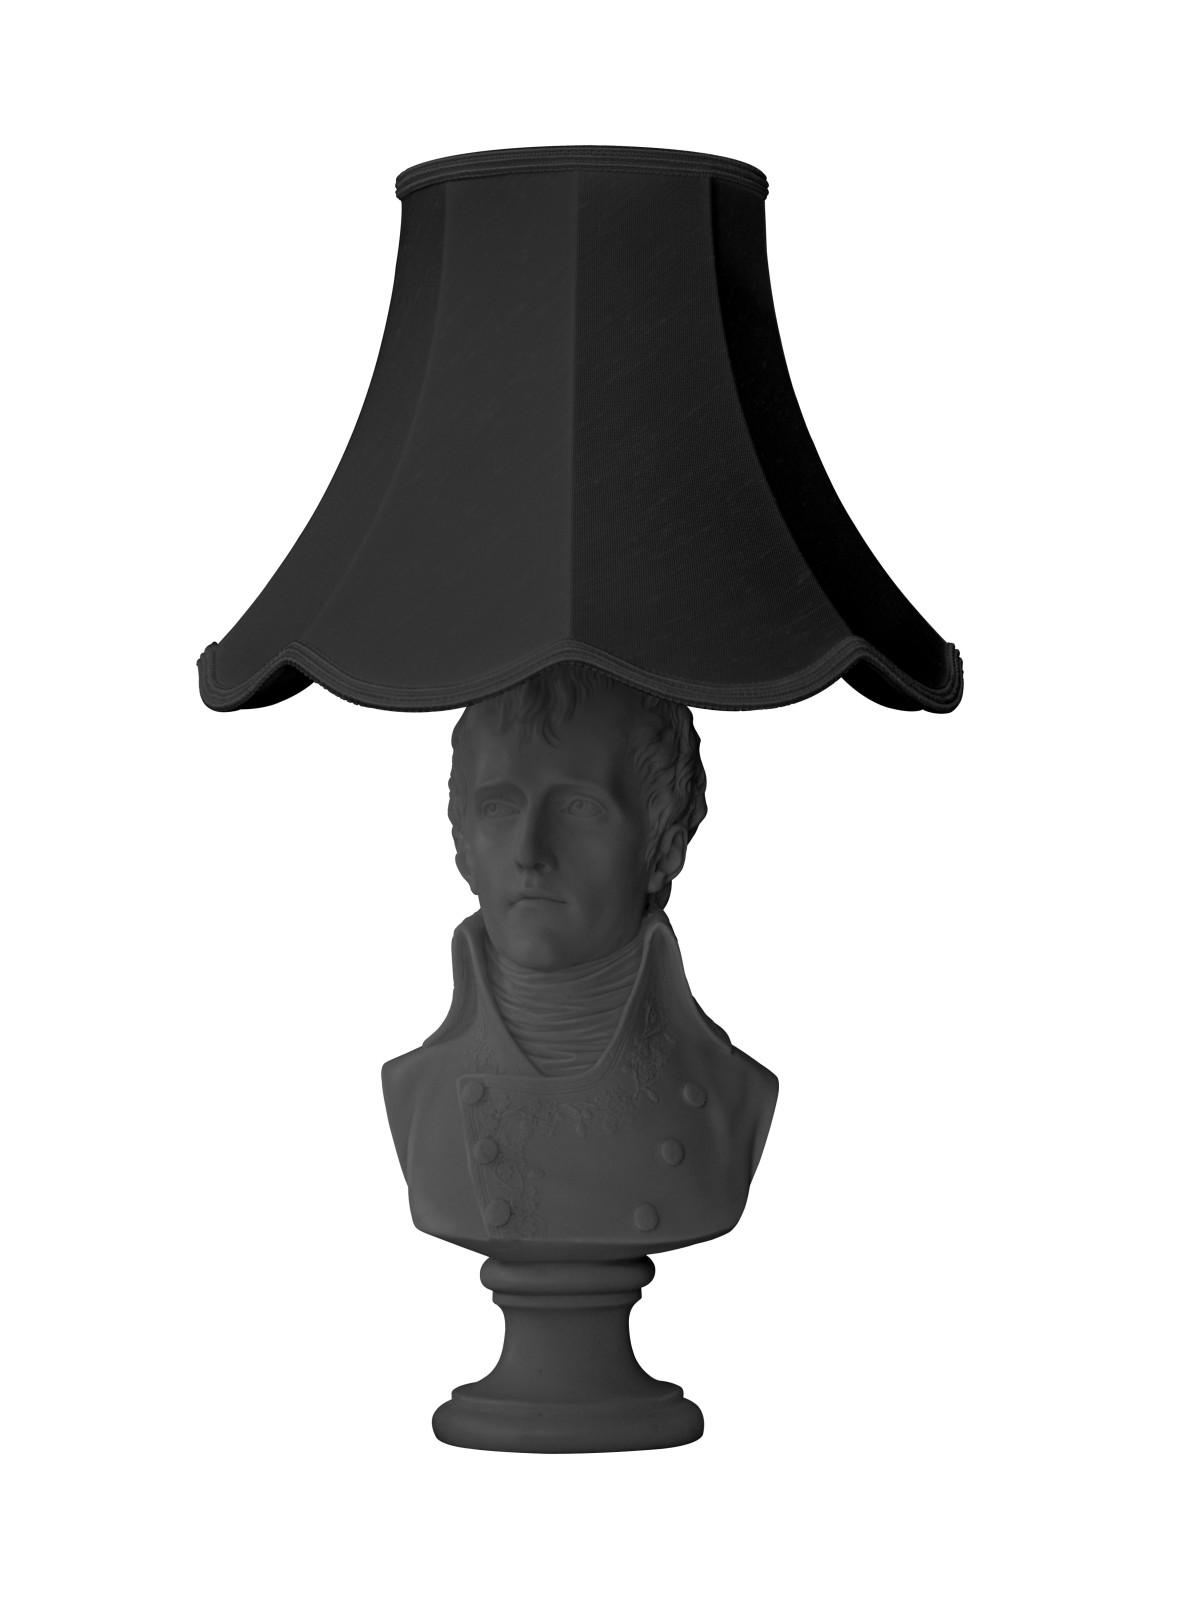 Waterloo Table Lamp Black Waterloo Table Lamp